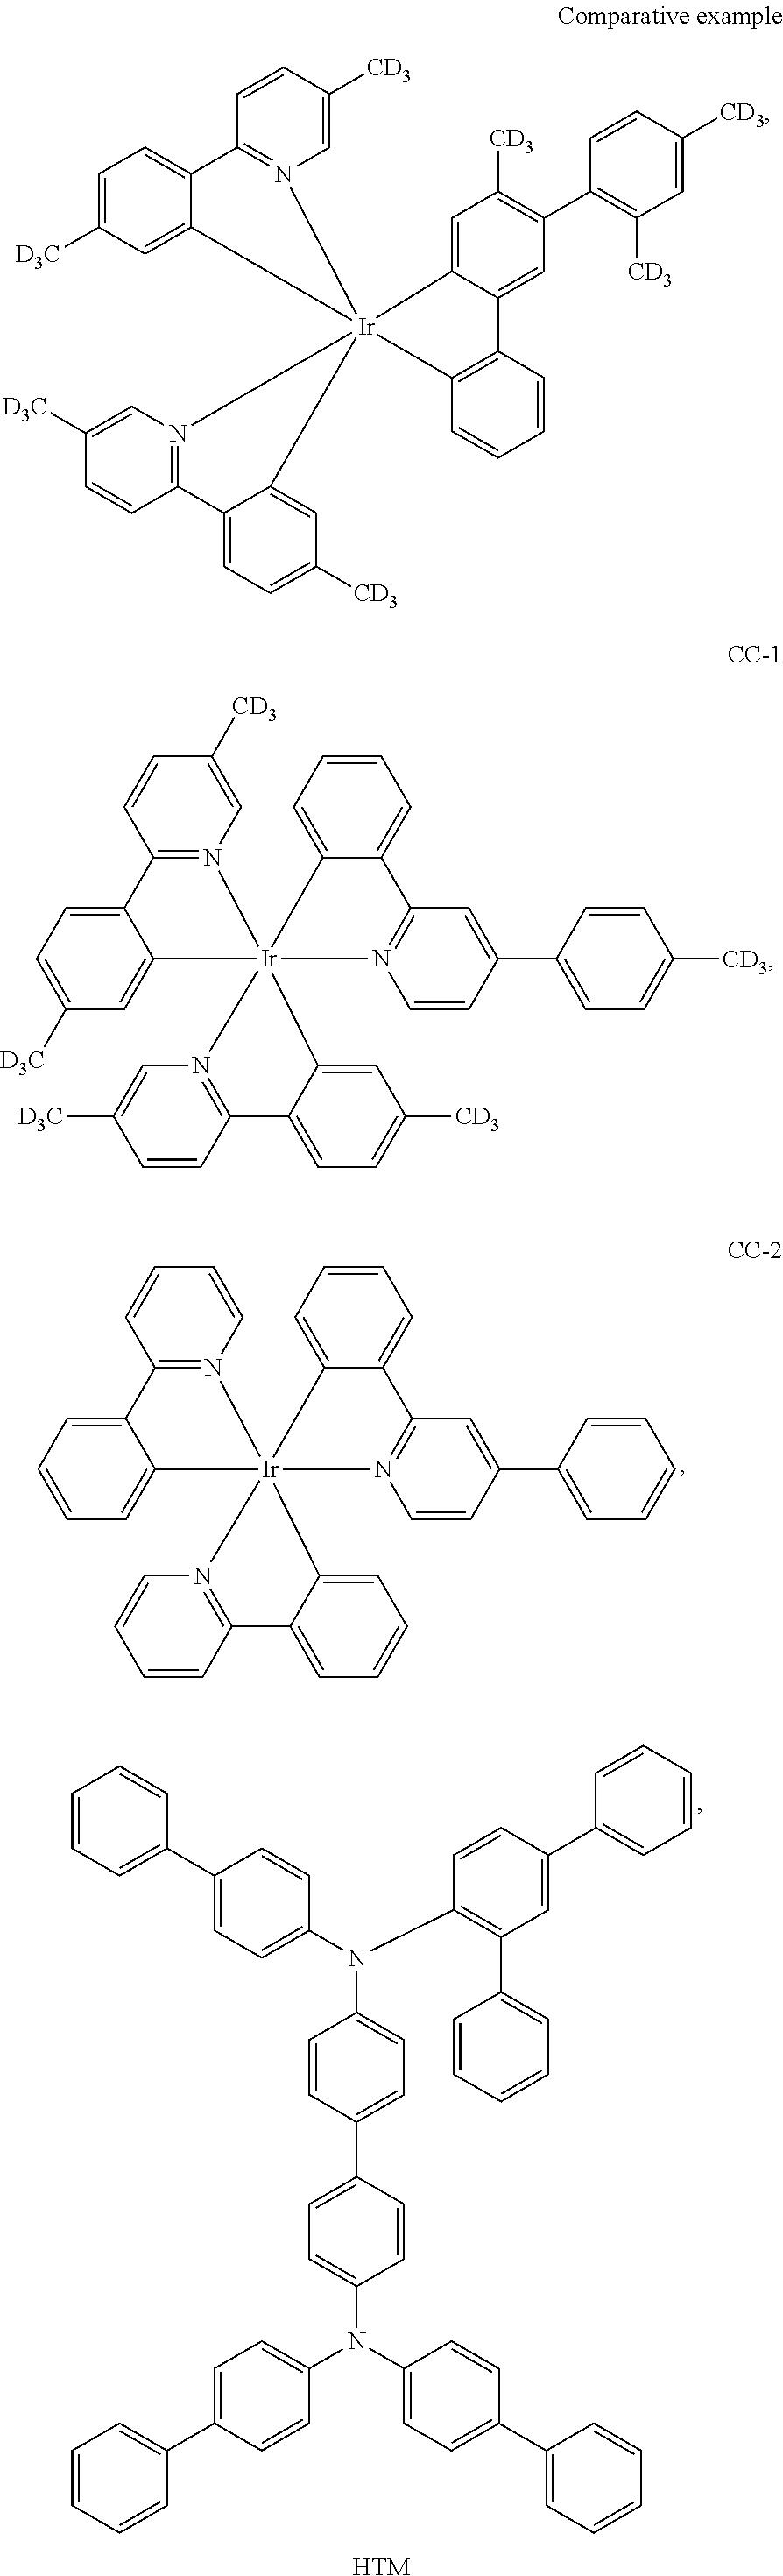 Figure US20170365801A1-20171221-C00083